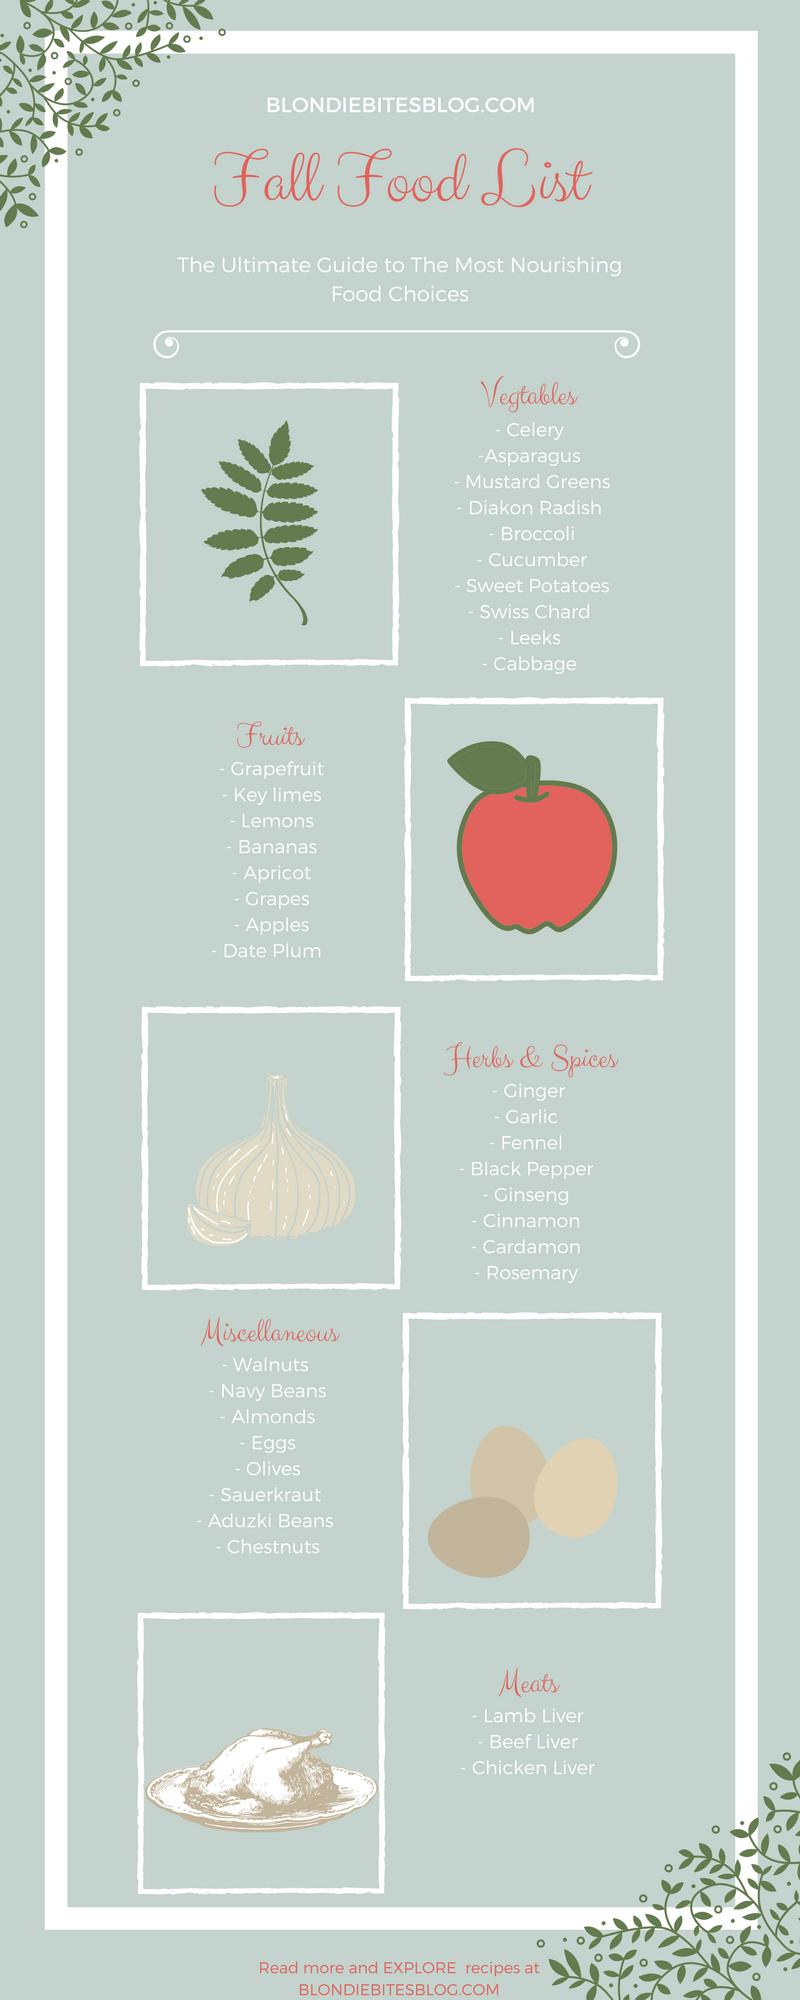 Fall Food List